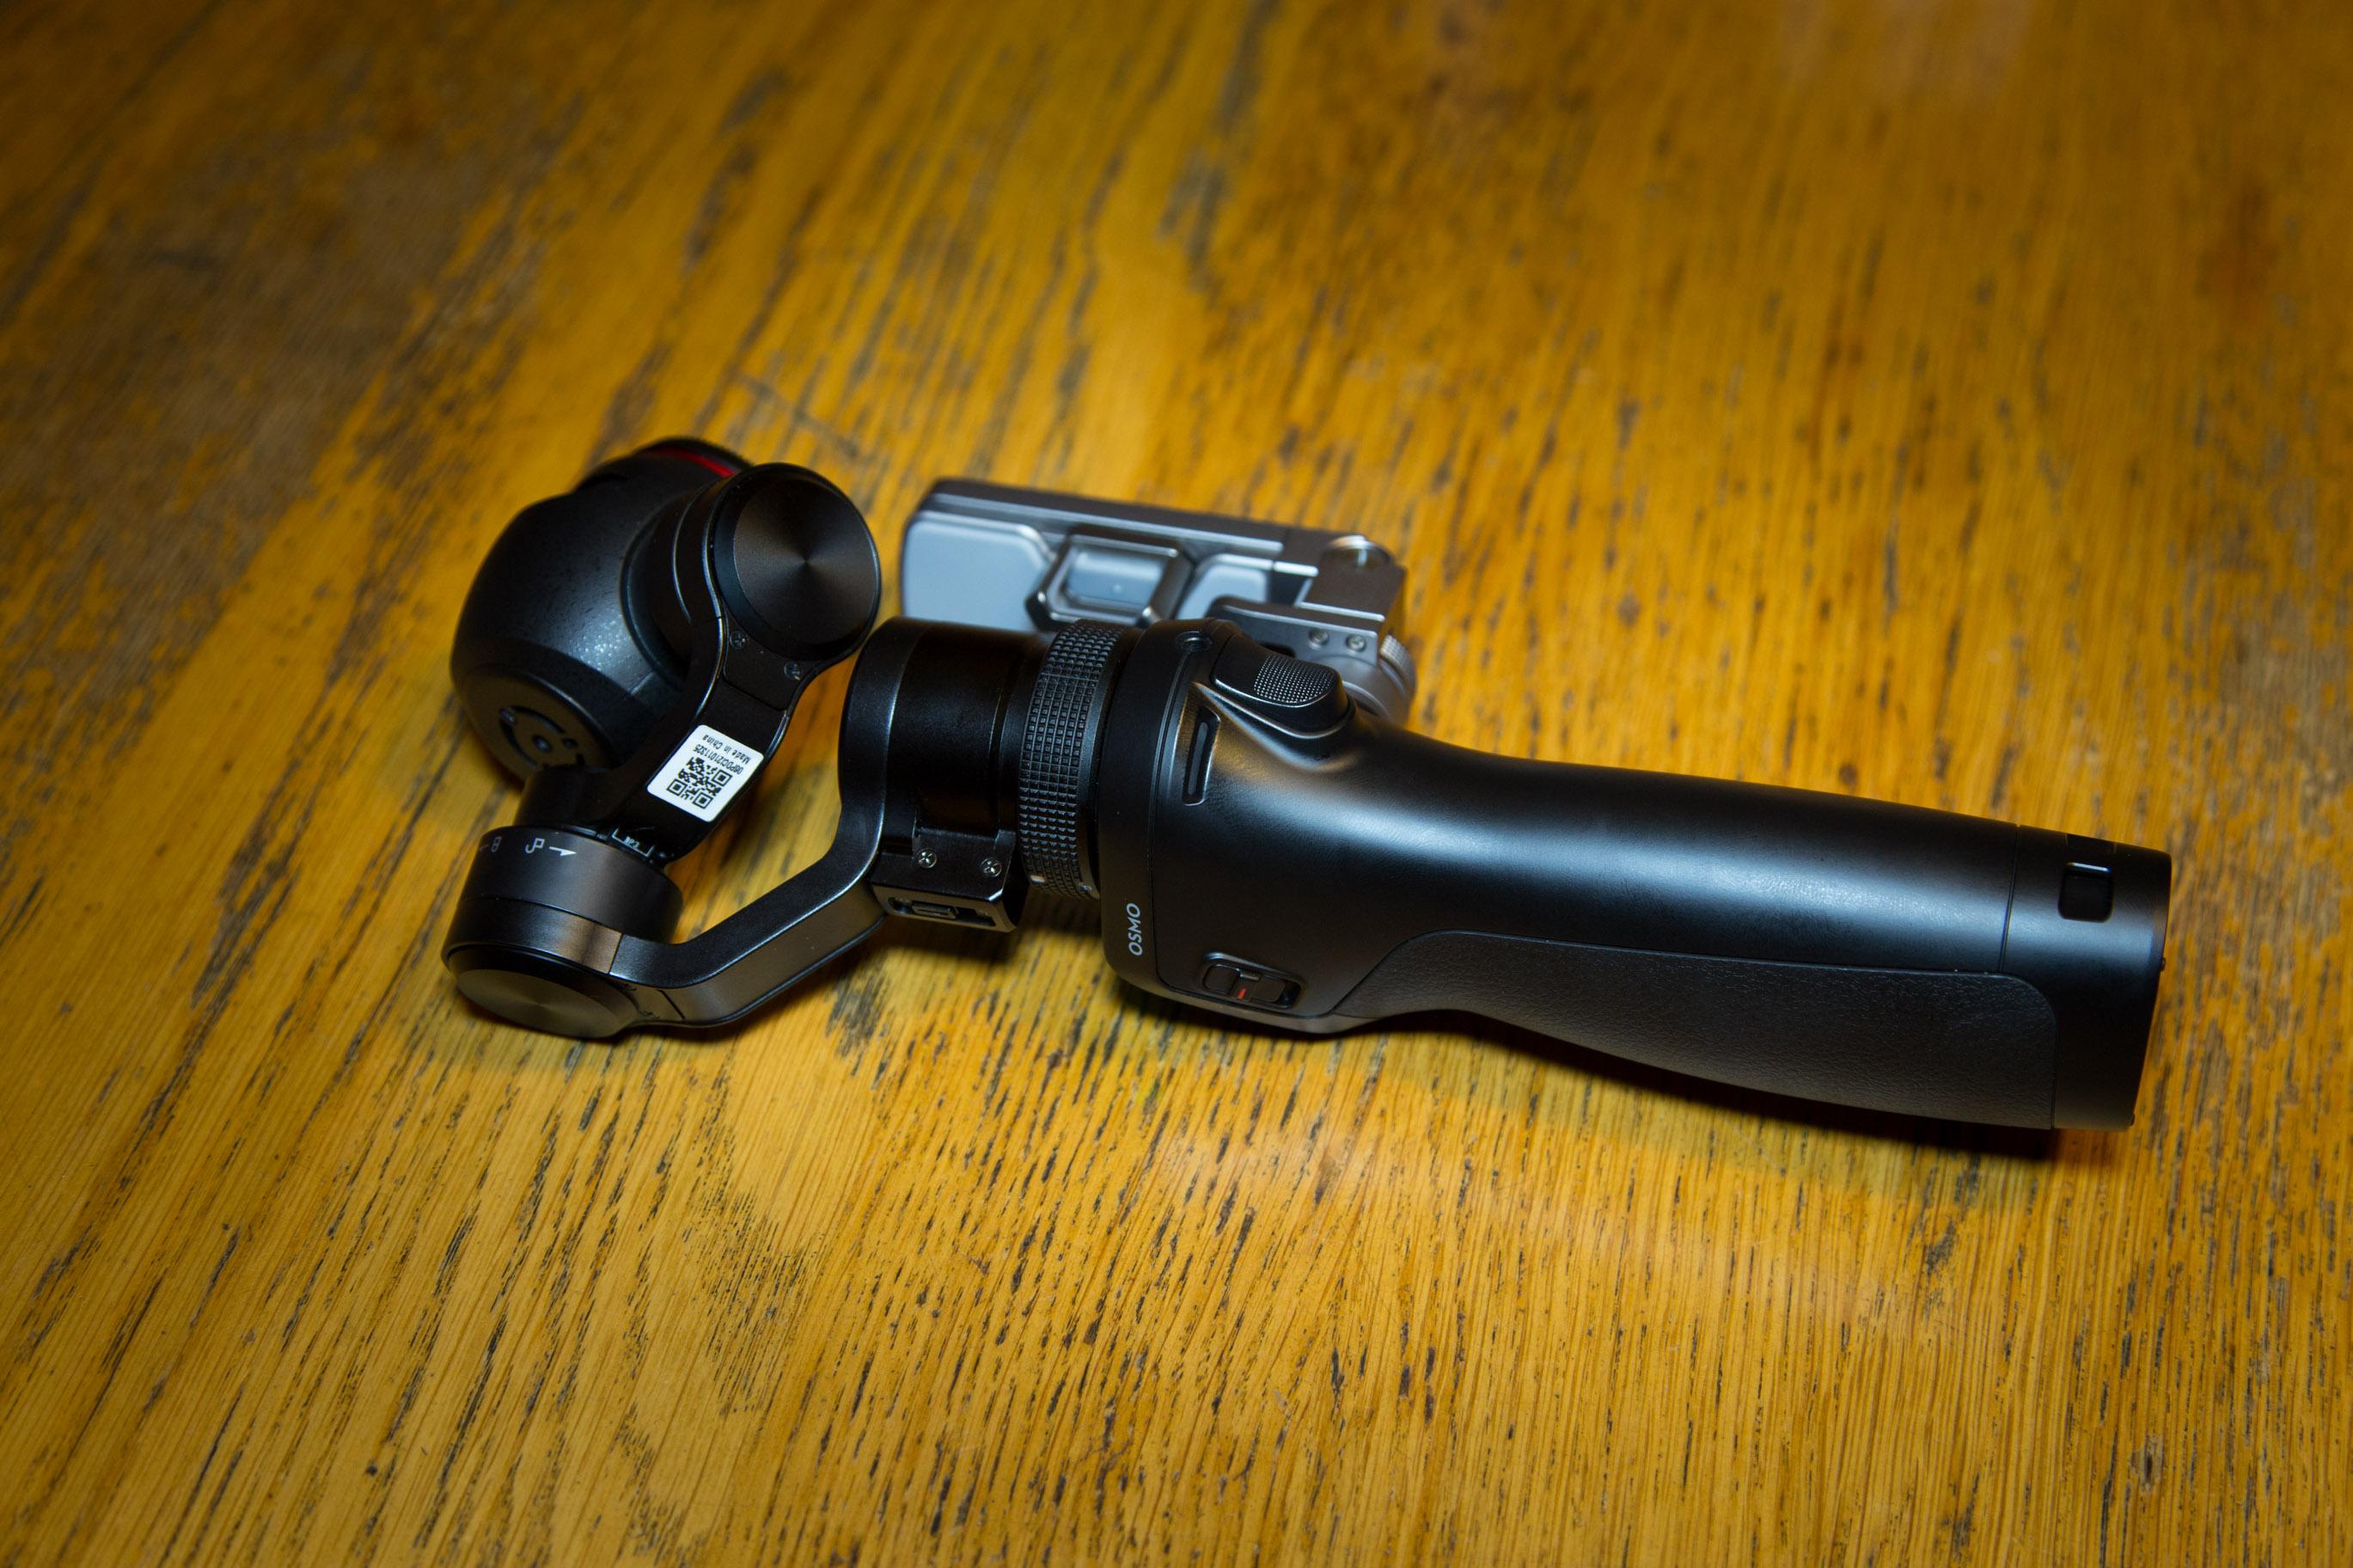 Osmo im Hands on: DJI präsentiert stabilisierte Handkamera für 750 Euro - Die Osmo im zusammengeklappten Zustand (Bild: Martin Wolf/Golem.de)